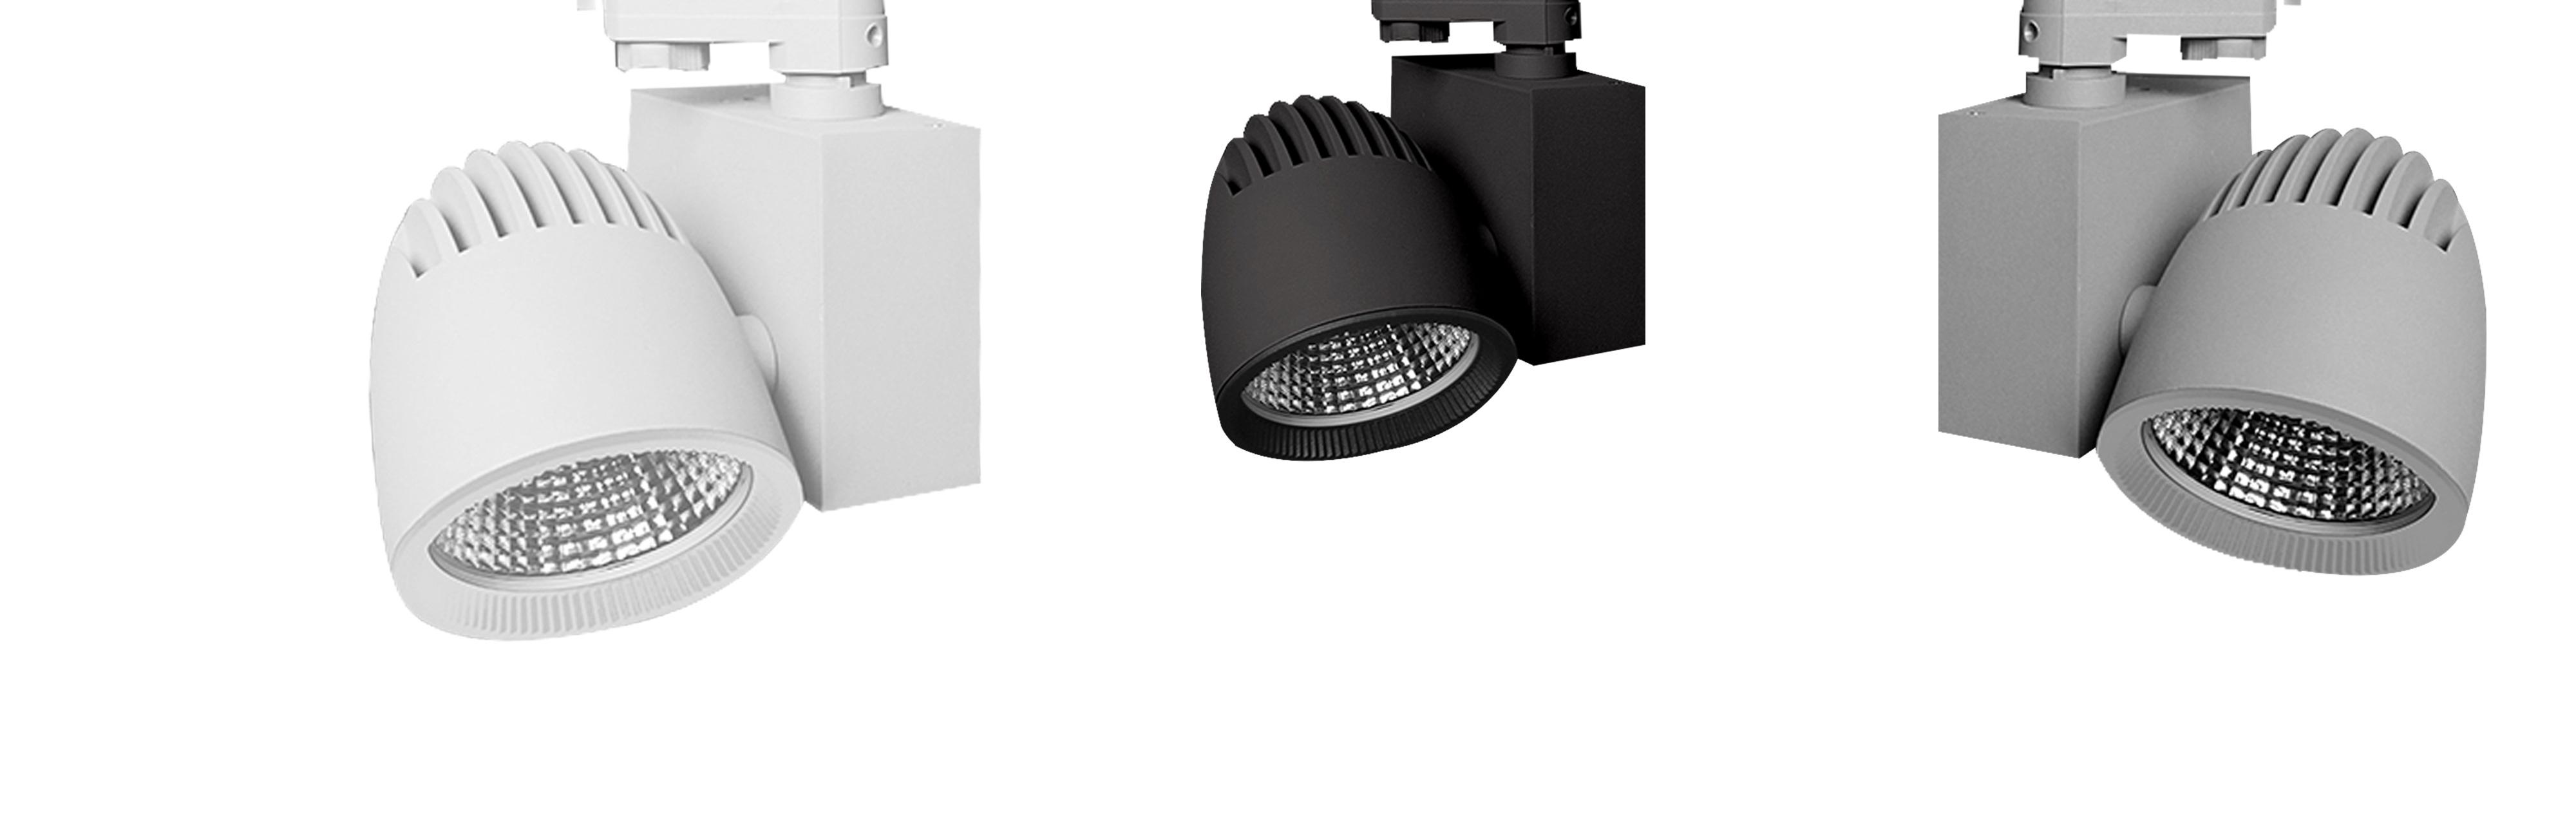 Tego spotlight BALANCE för butiker och stormarknad. Finns i två format - hook-on och för strömskena.